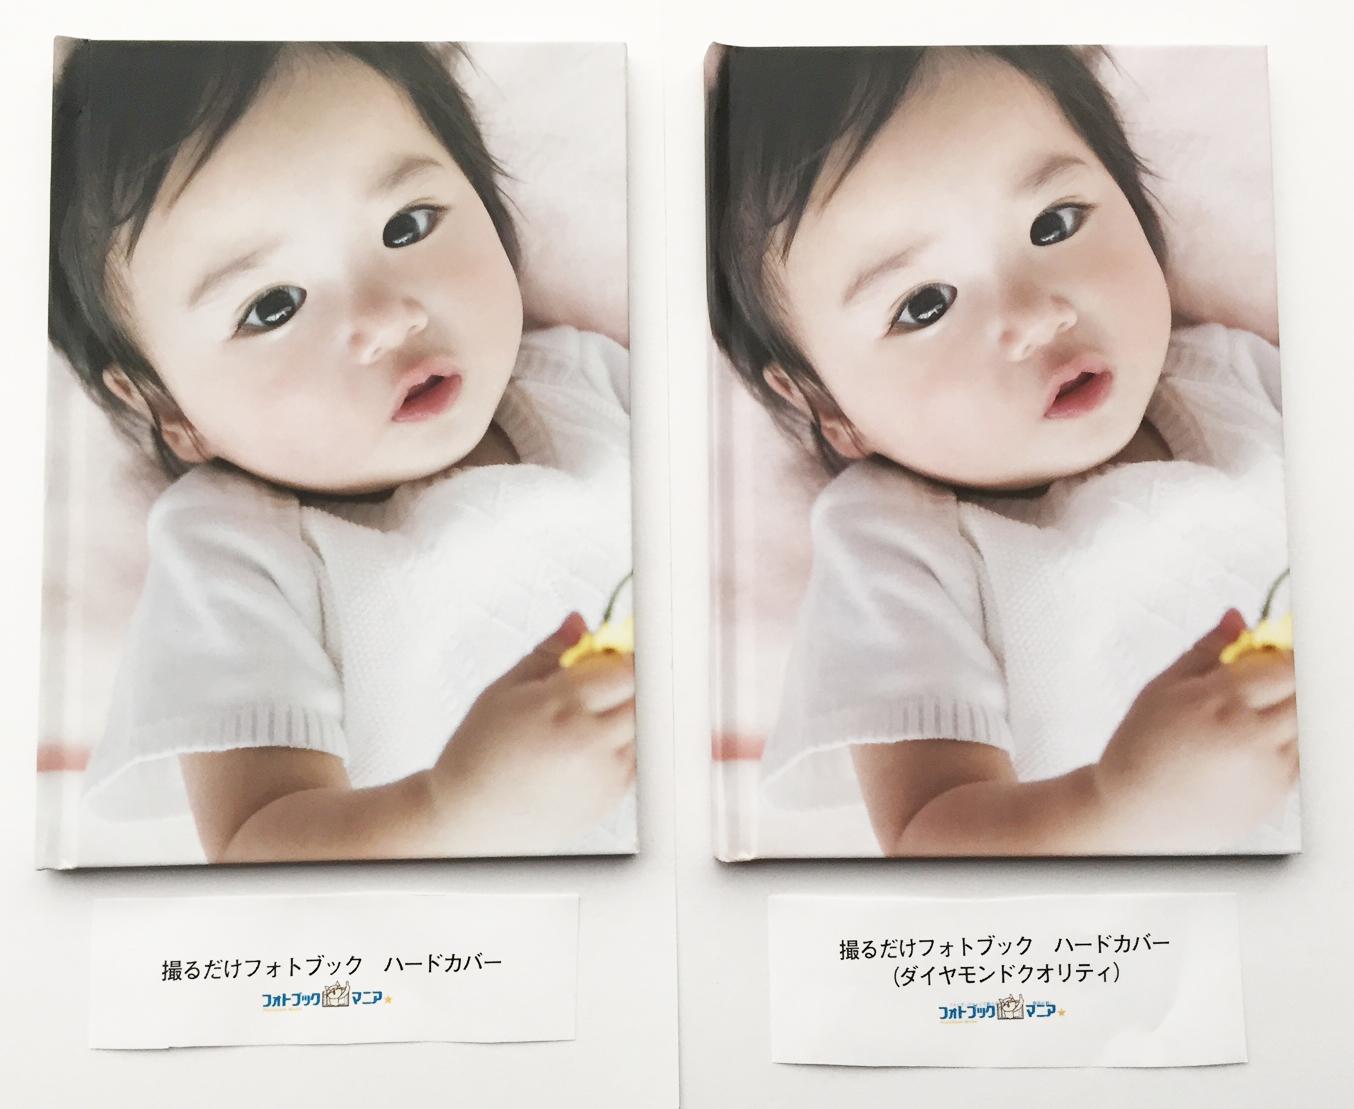 【画質比較】撮るだけフォトブック2種を同じ画像で比較 【レビュー・口コミ】